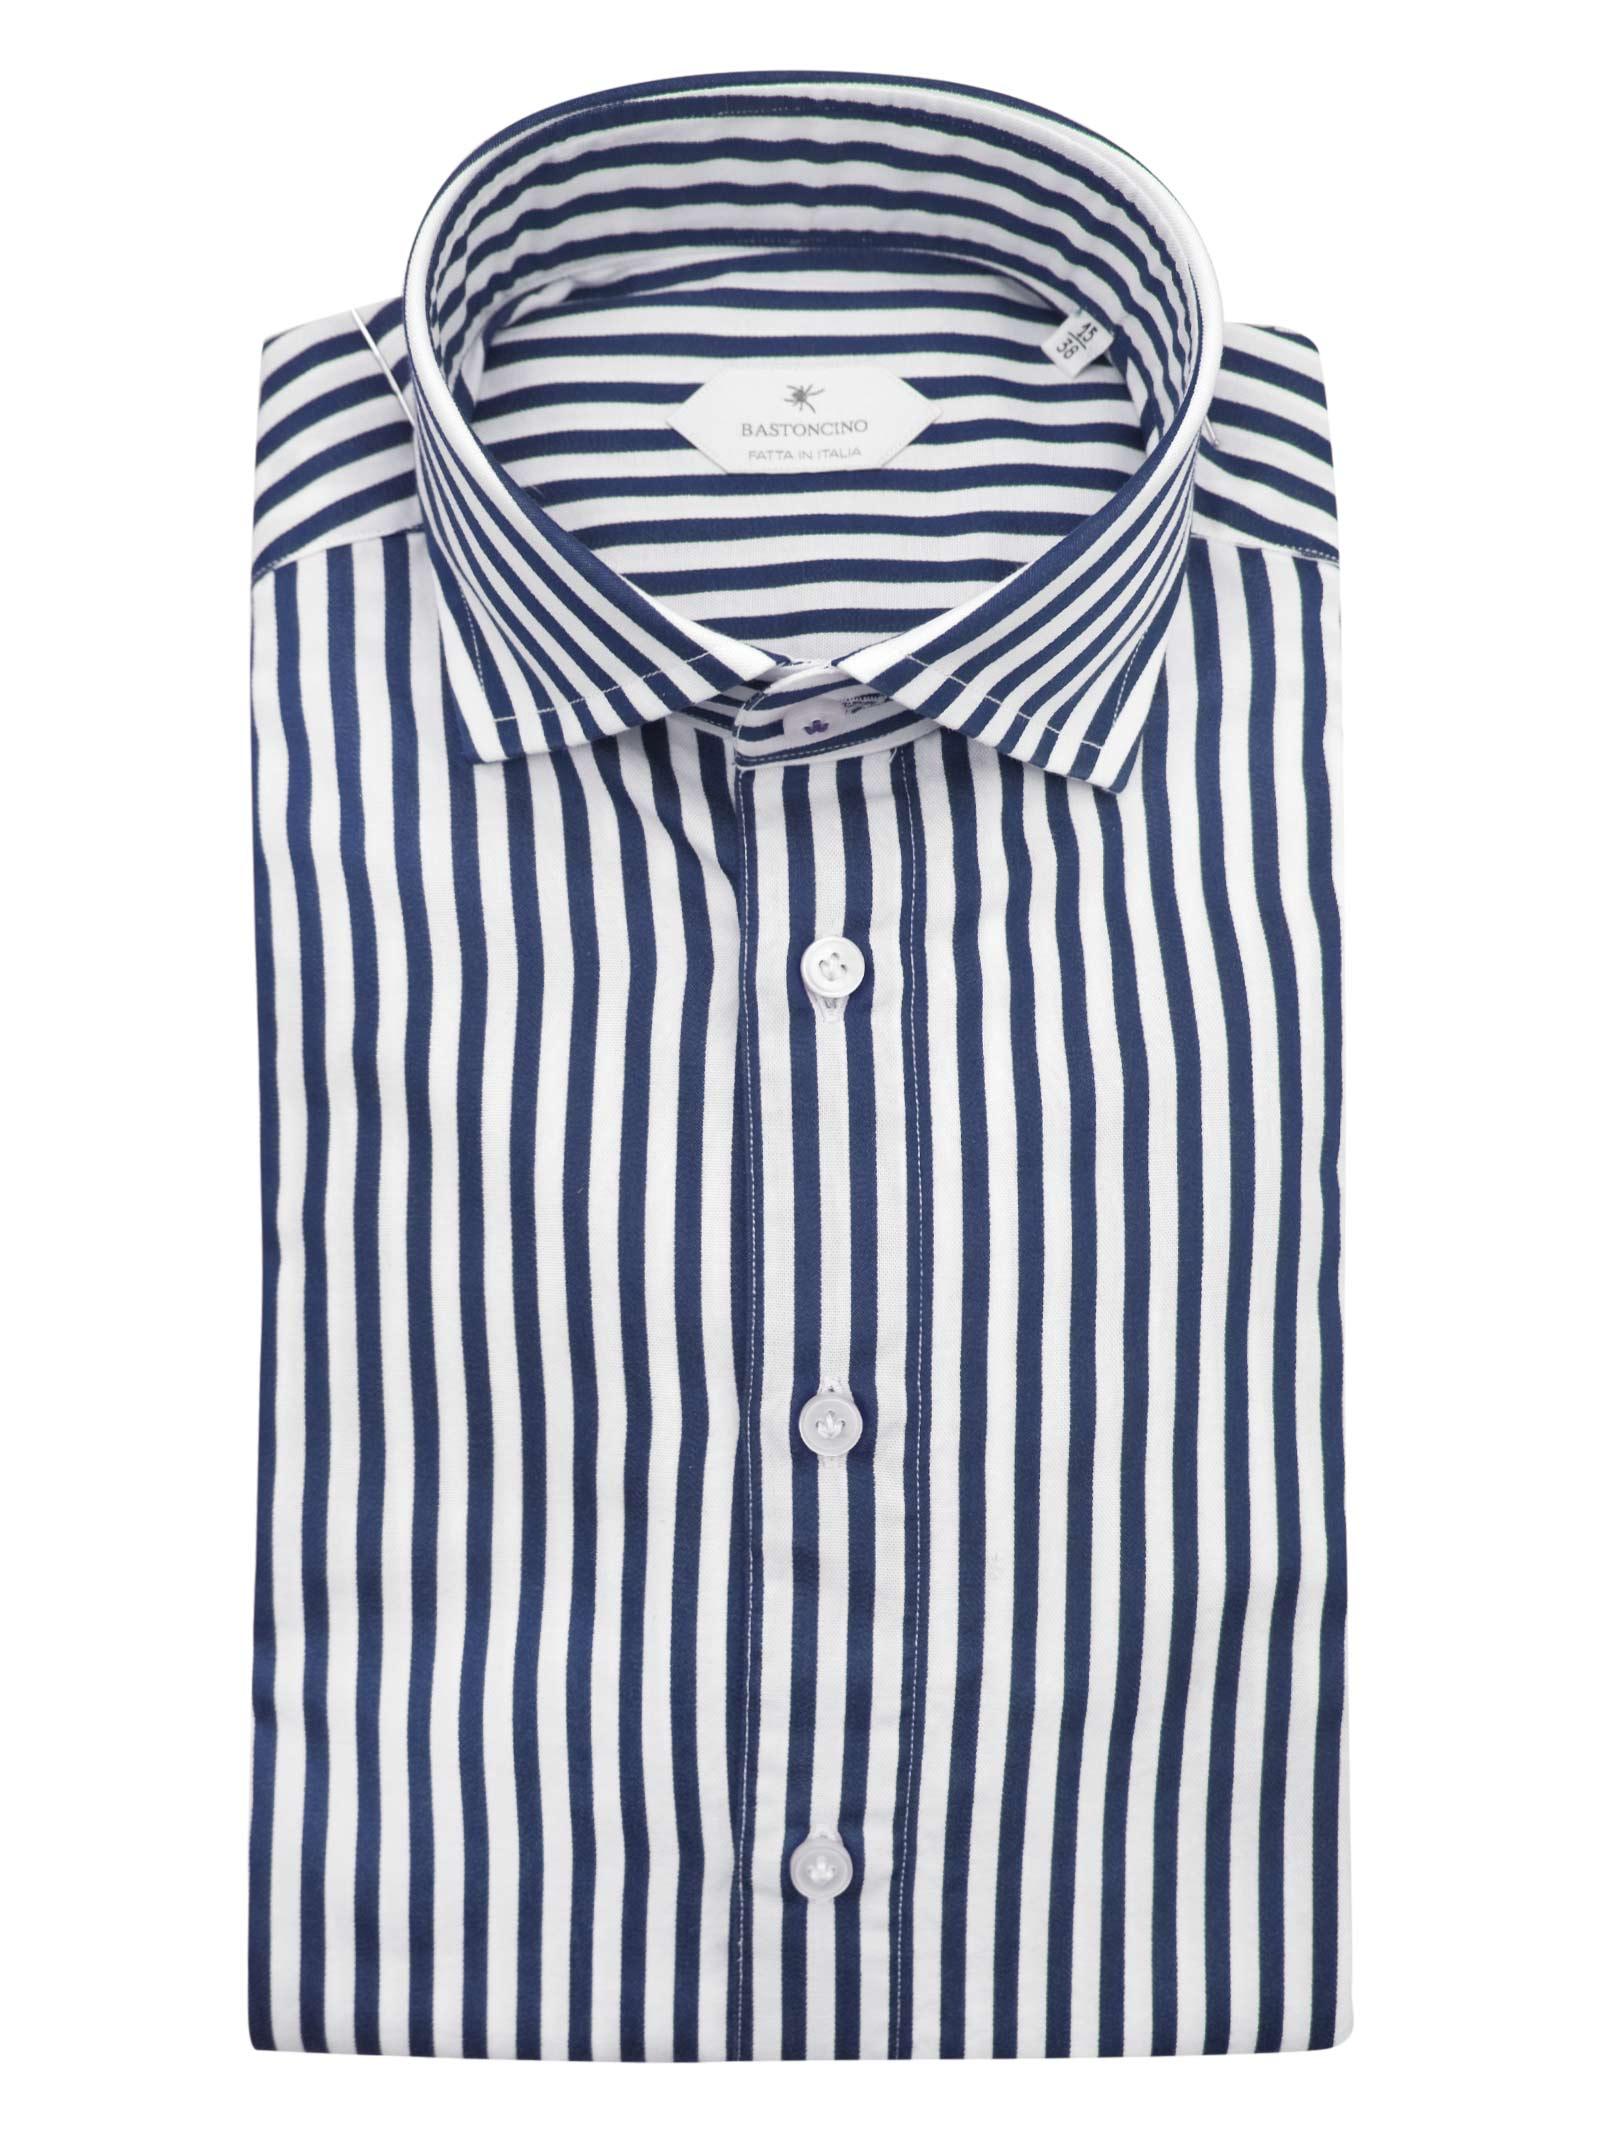 Camicia fantasia vestibilita leggermente slim BASTONCINO   Camicie   SIMOB1996 01